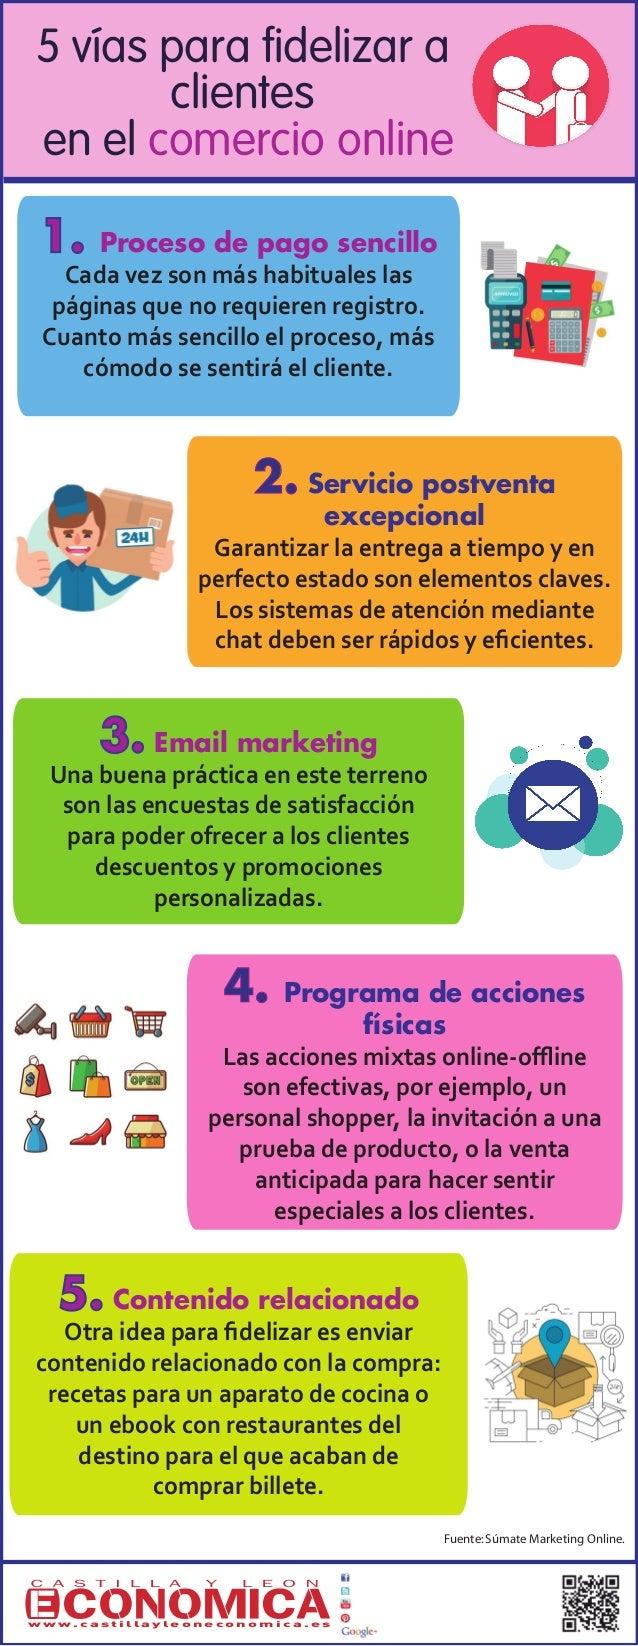 5 vías para fidelizar a clientes en el comercio online 1. Proceso de pago sencillo Cada vez son más habituales las páginas...